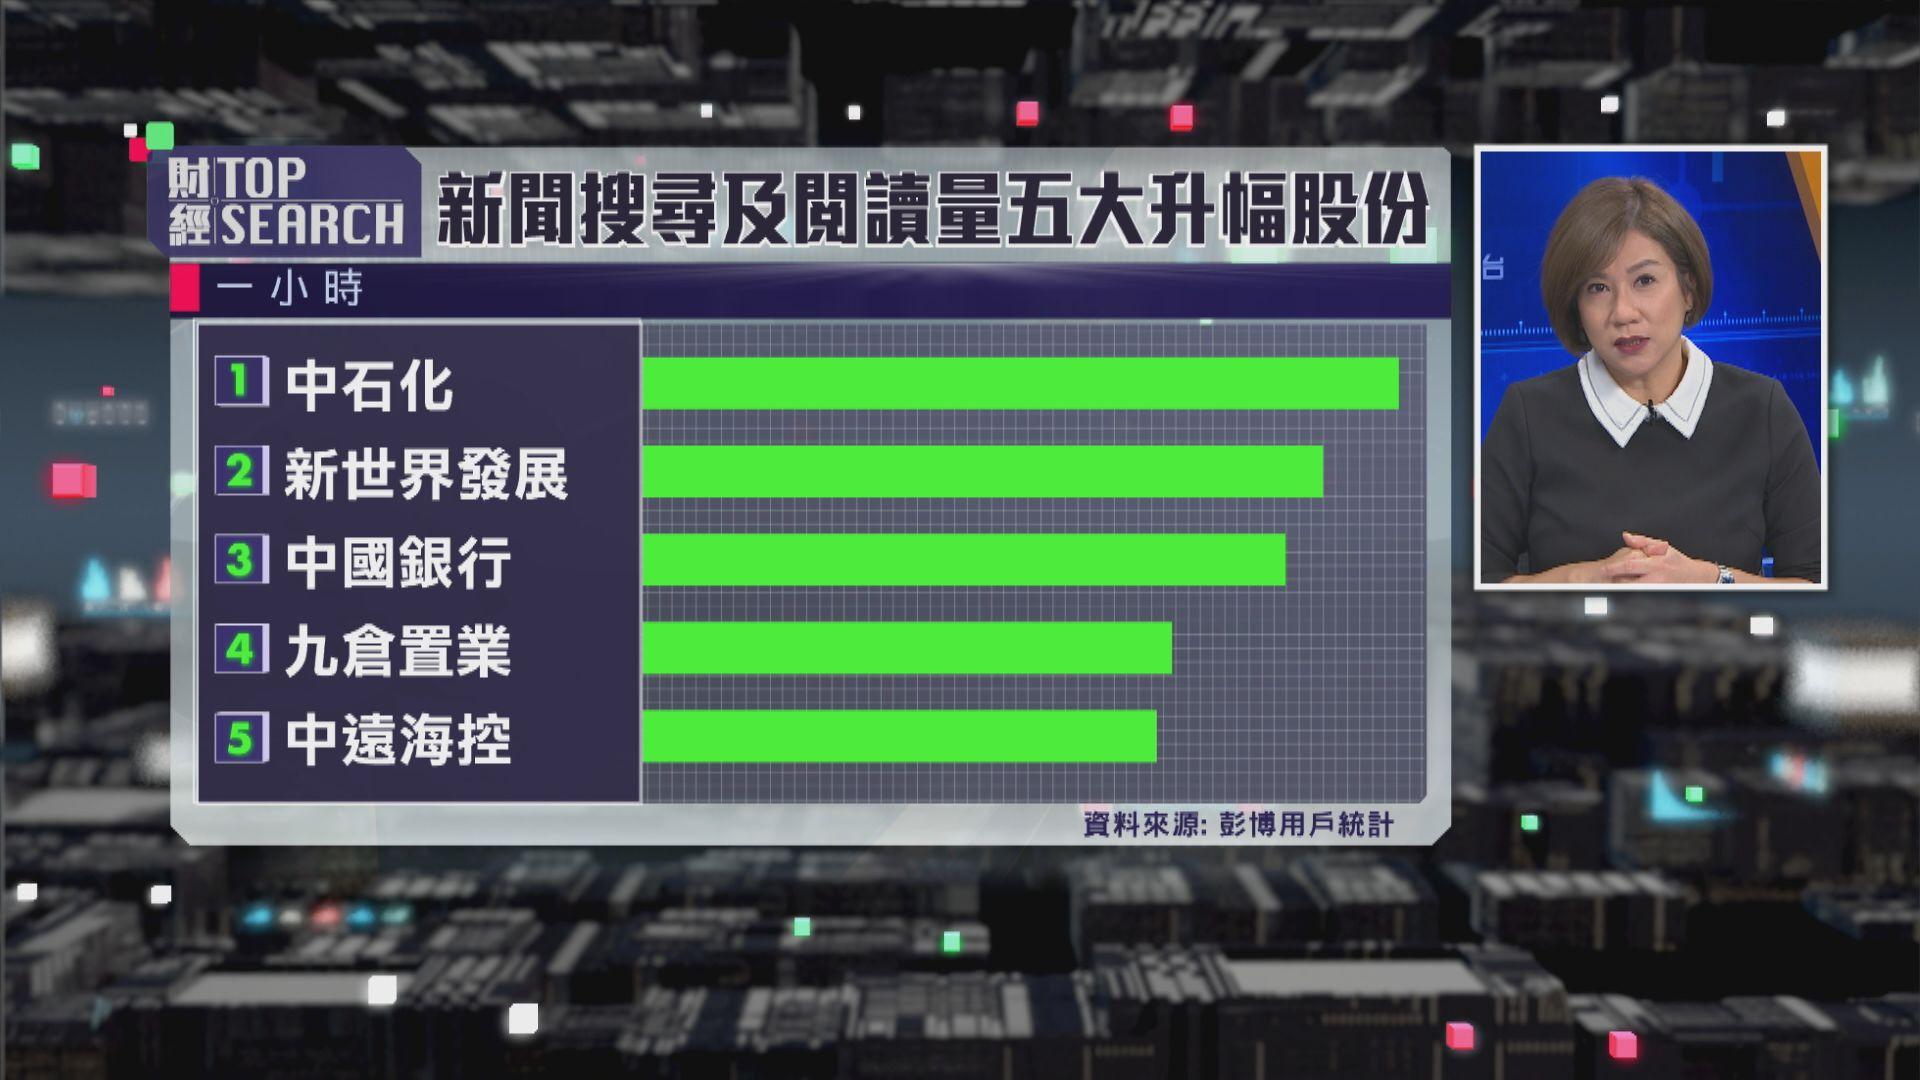 【財經TOP SEARCH】舊經濟股撐市?